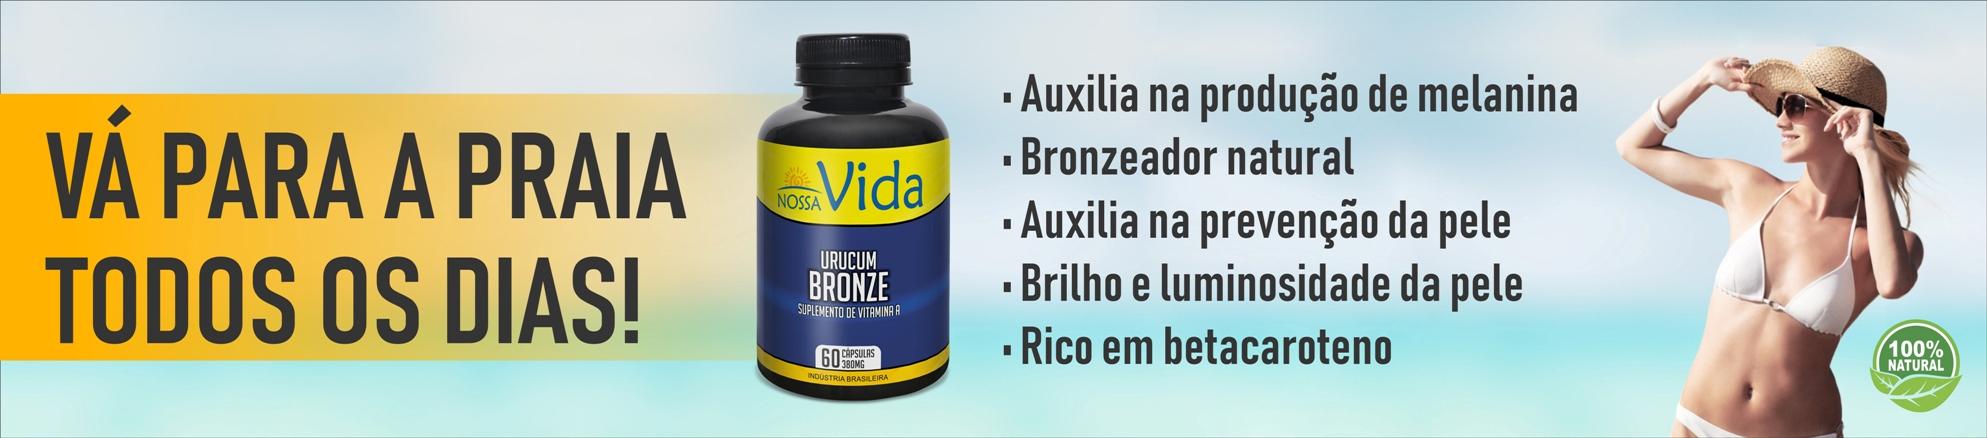 Urucum Bronze